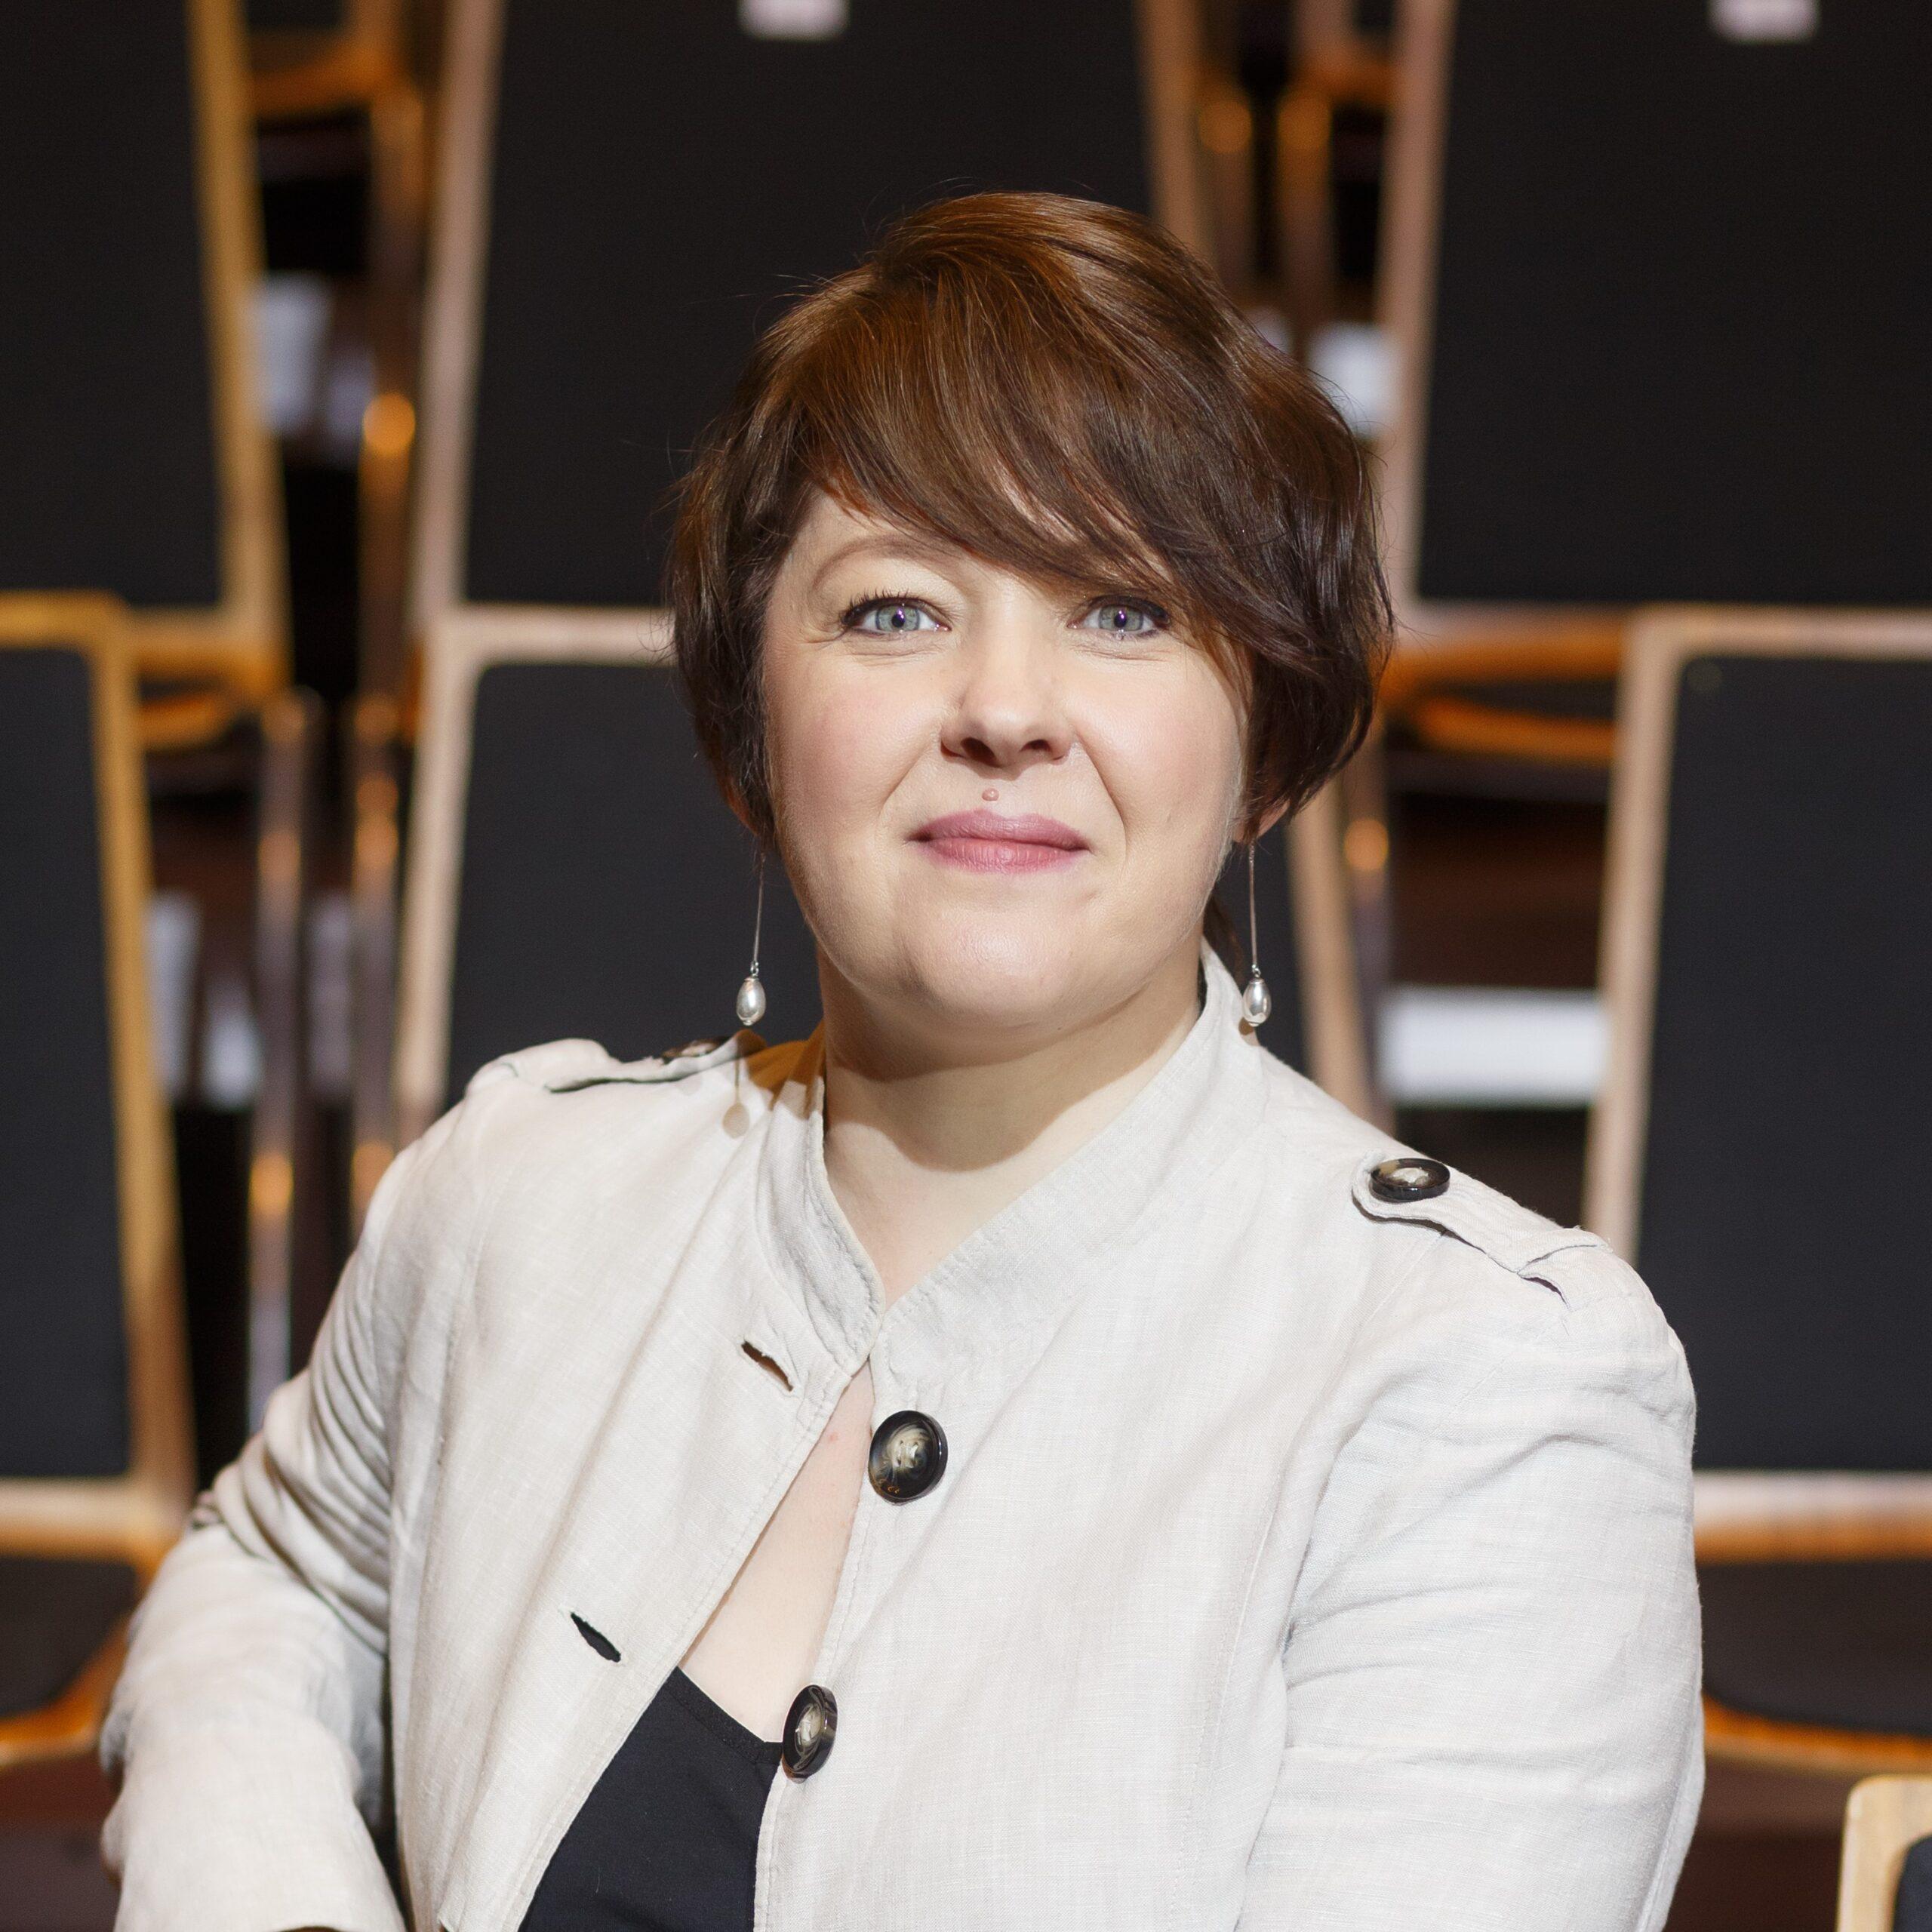 Agata Felikszewska-Igiel